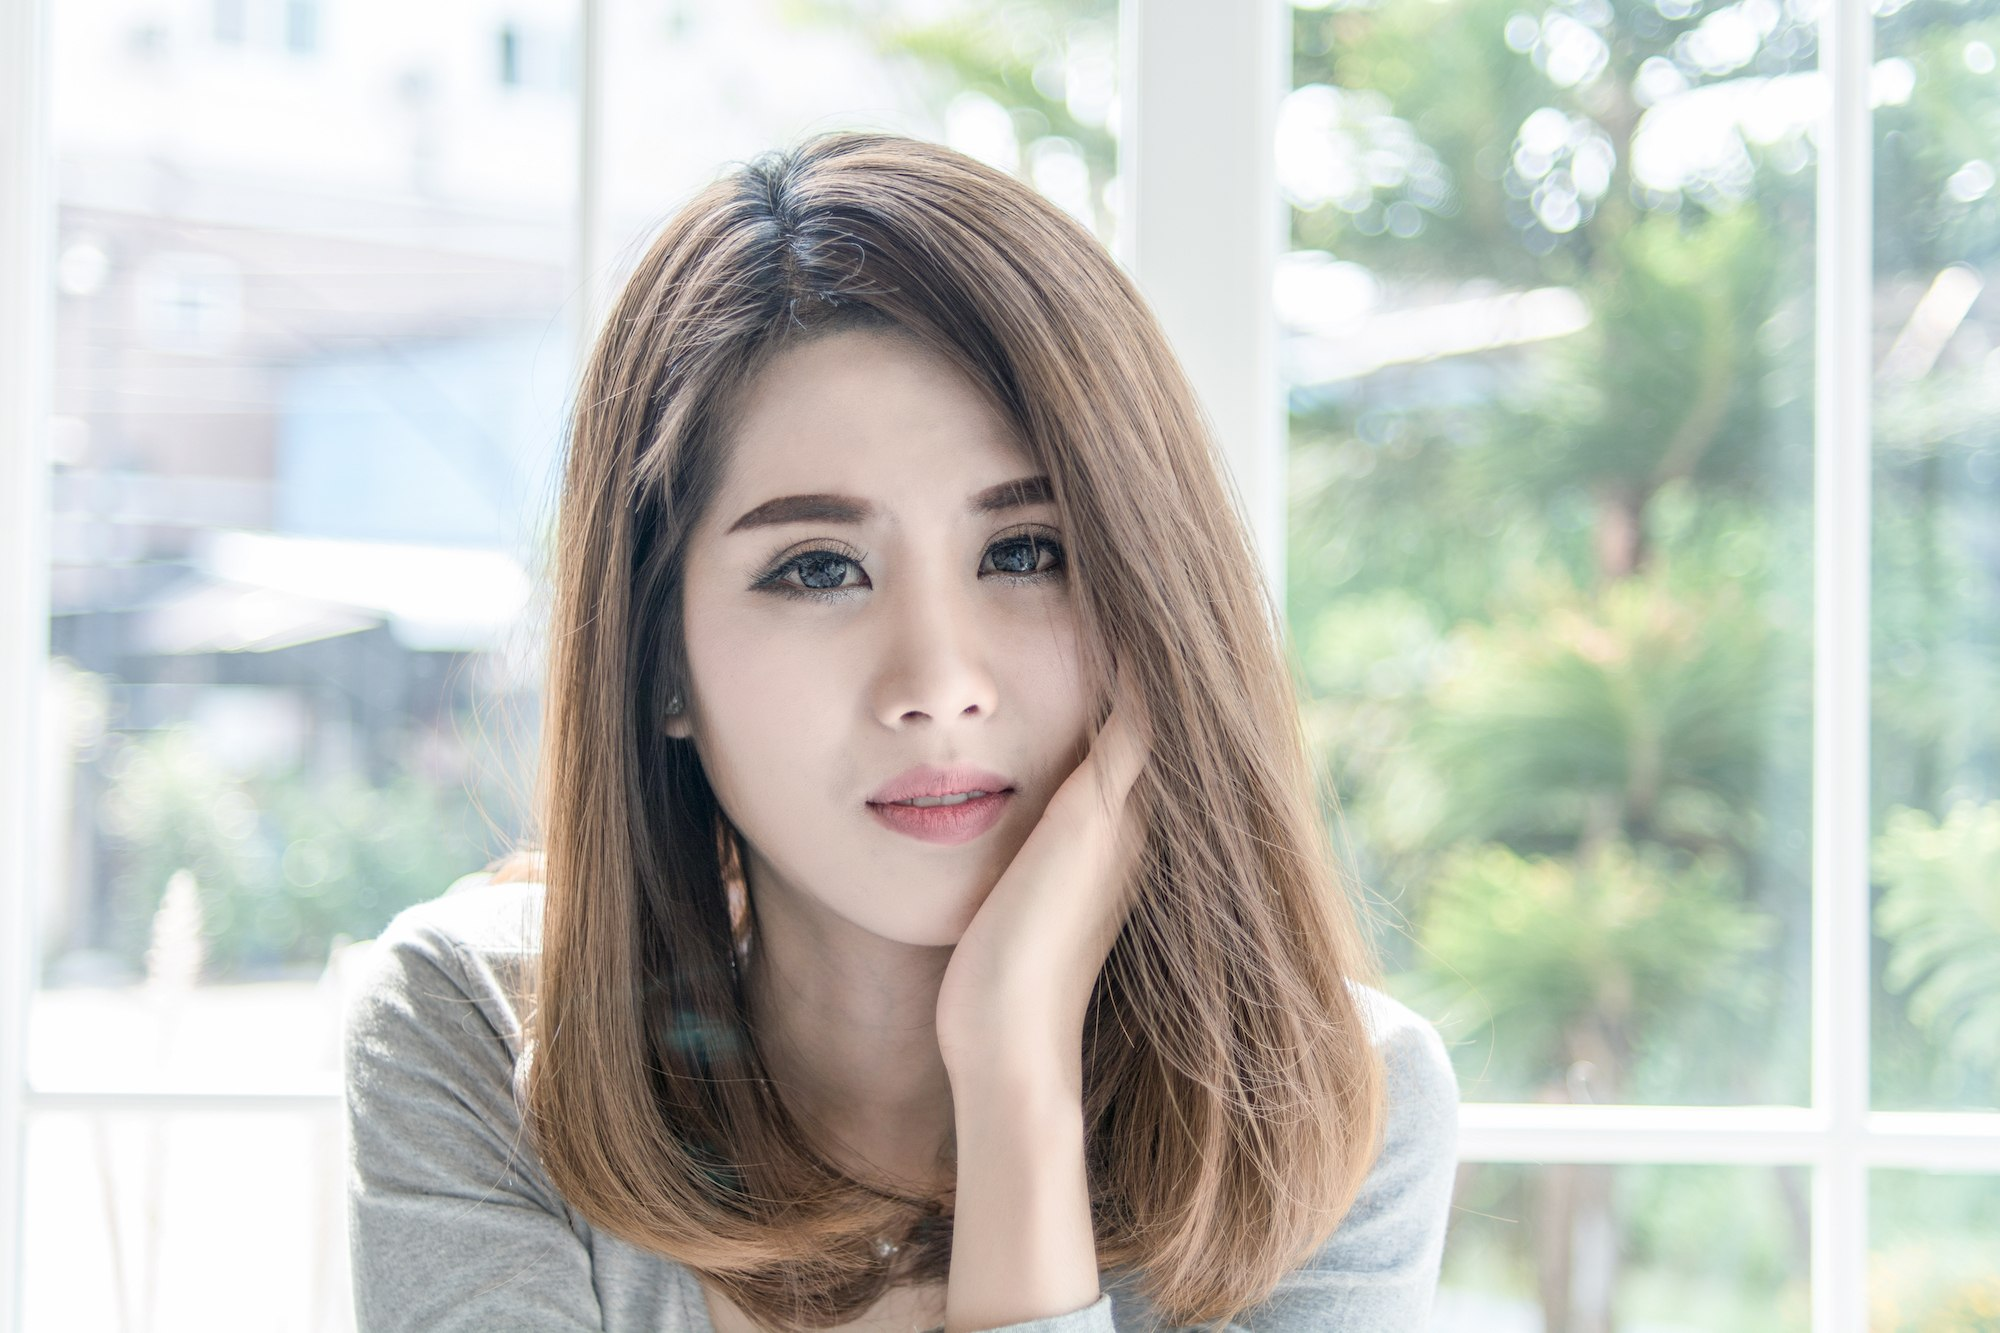 Wanita Asia dengan model bob sebahu lurus warna ash brown.